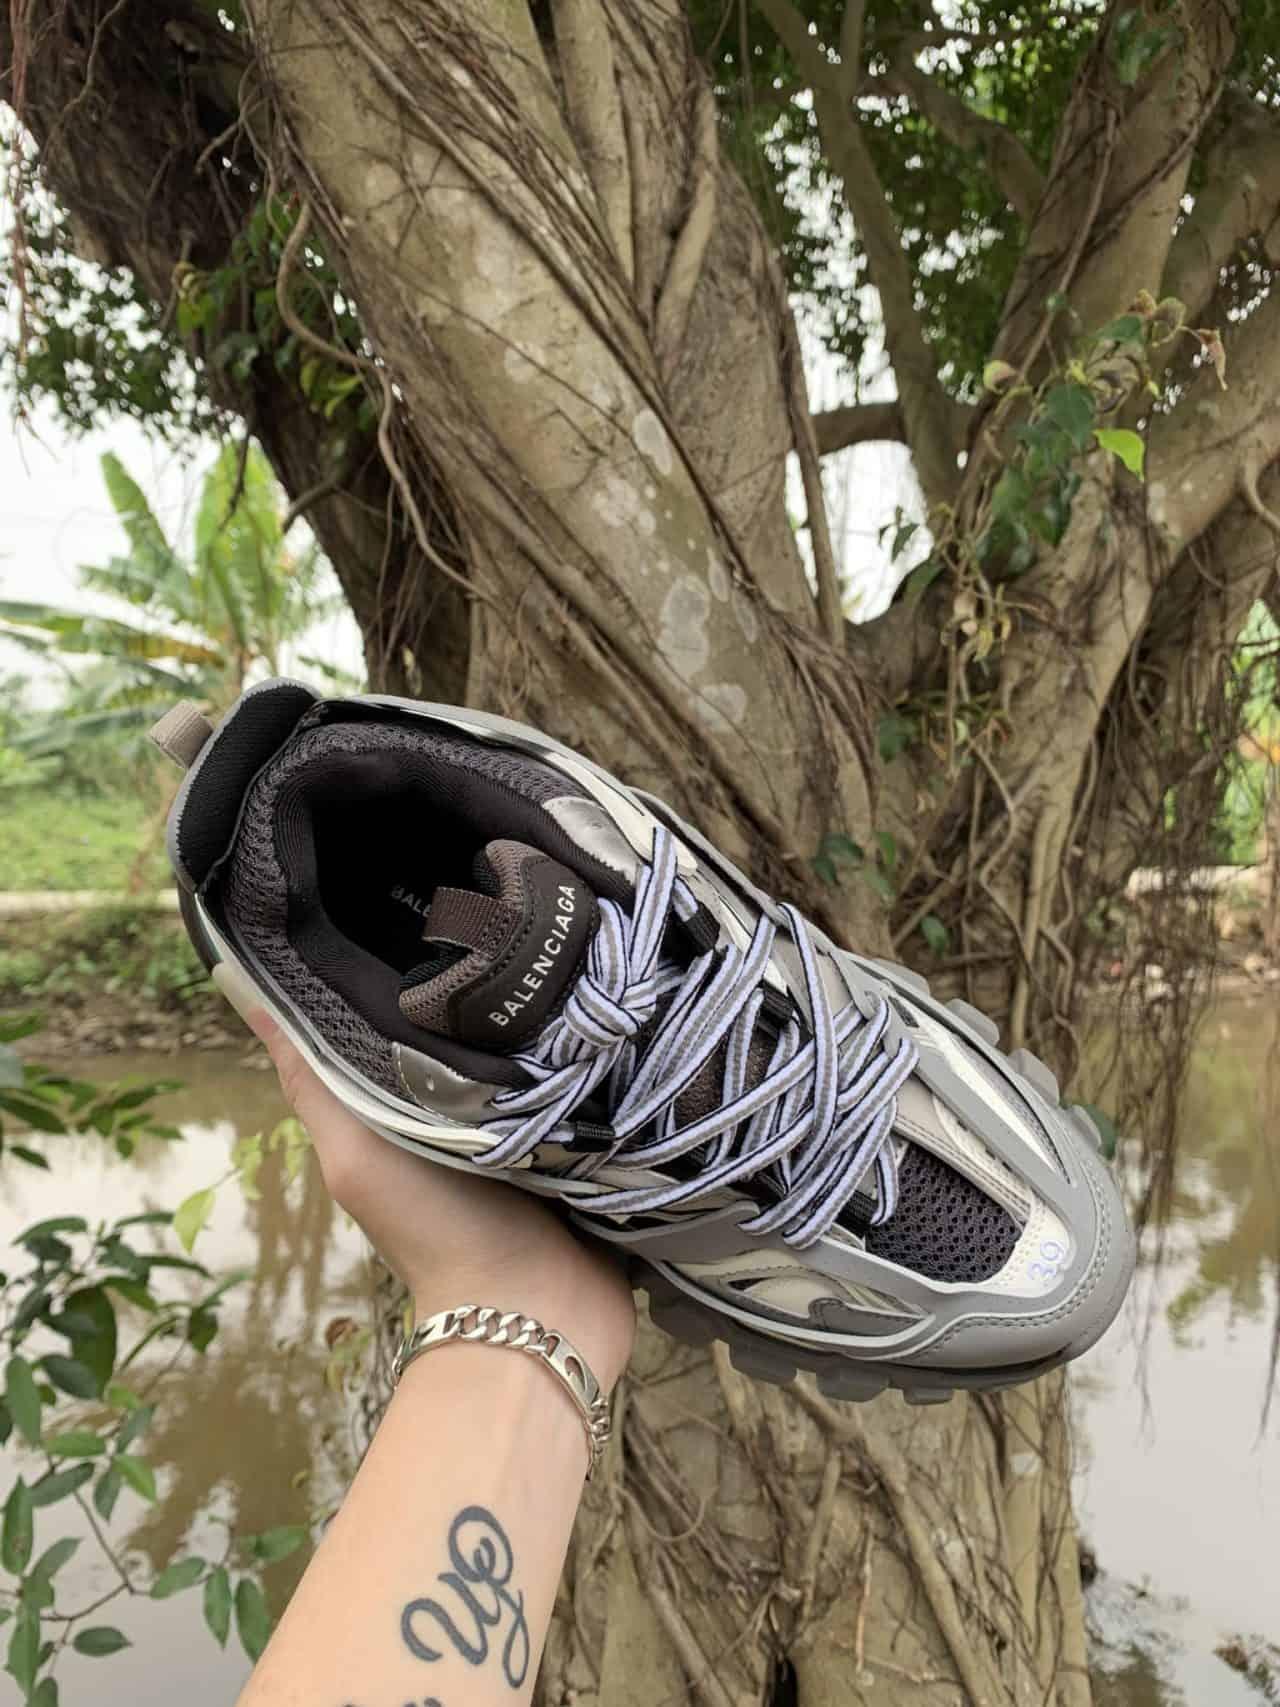 Giày Balenciaga rep 1:1 có phong cách thời trang cool ngầu